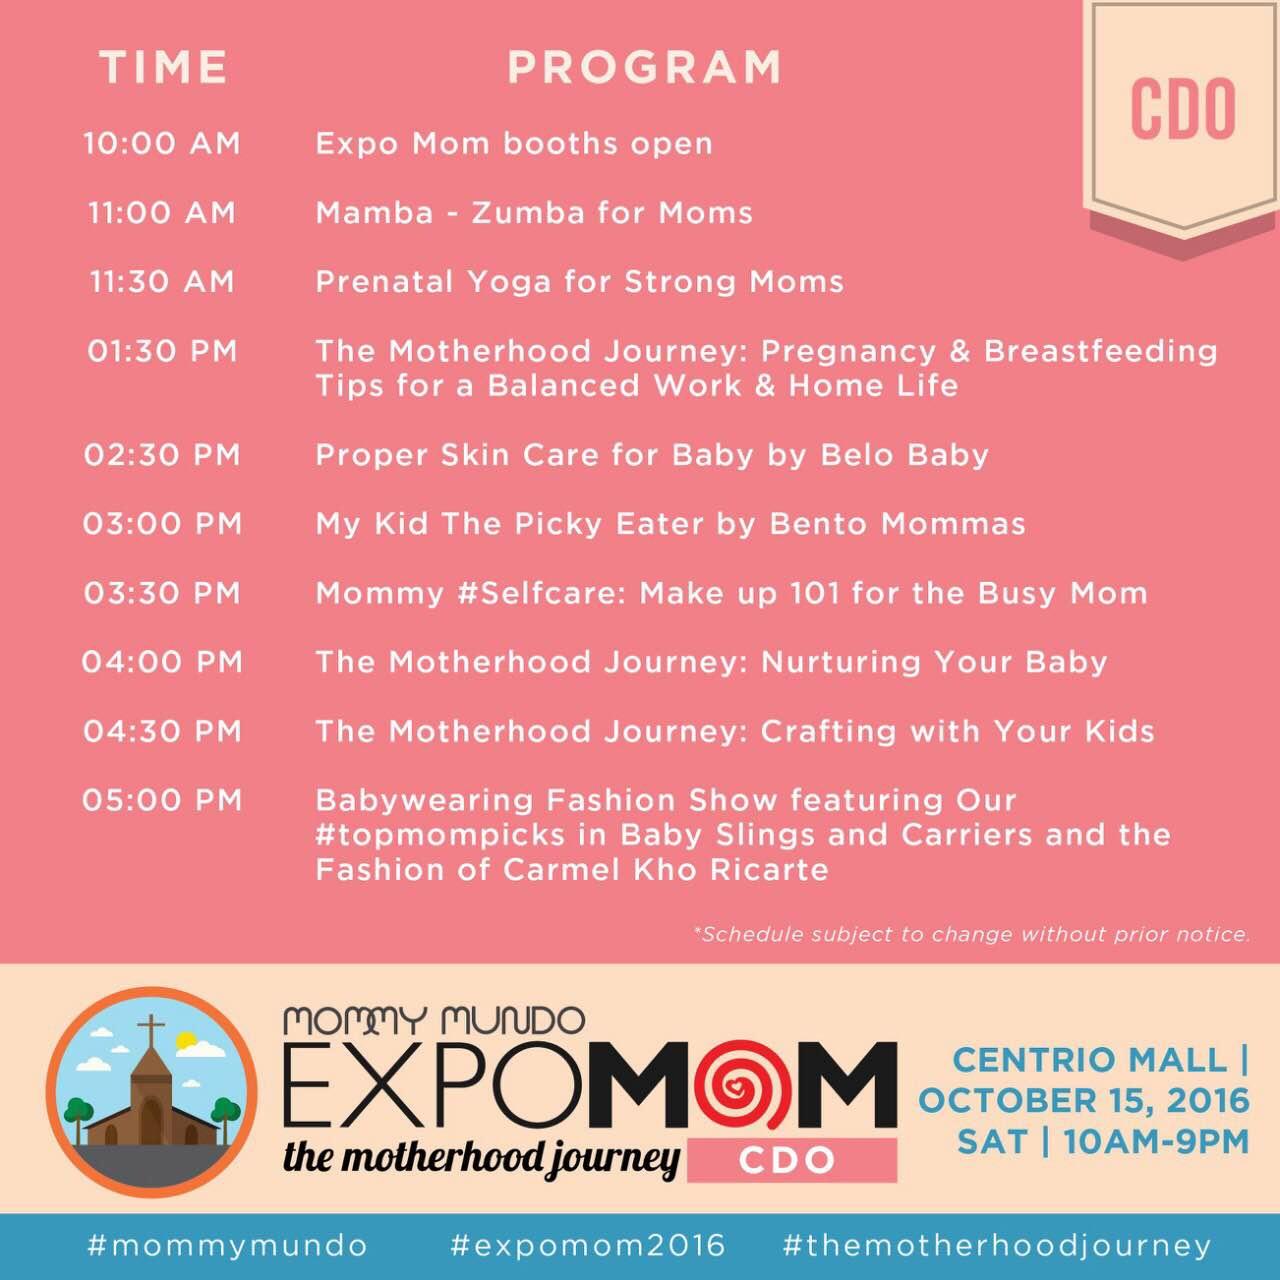 expo-mom-program